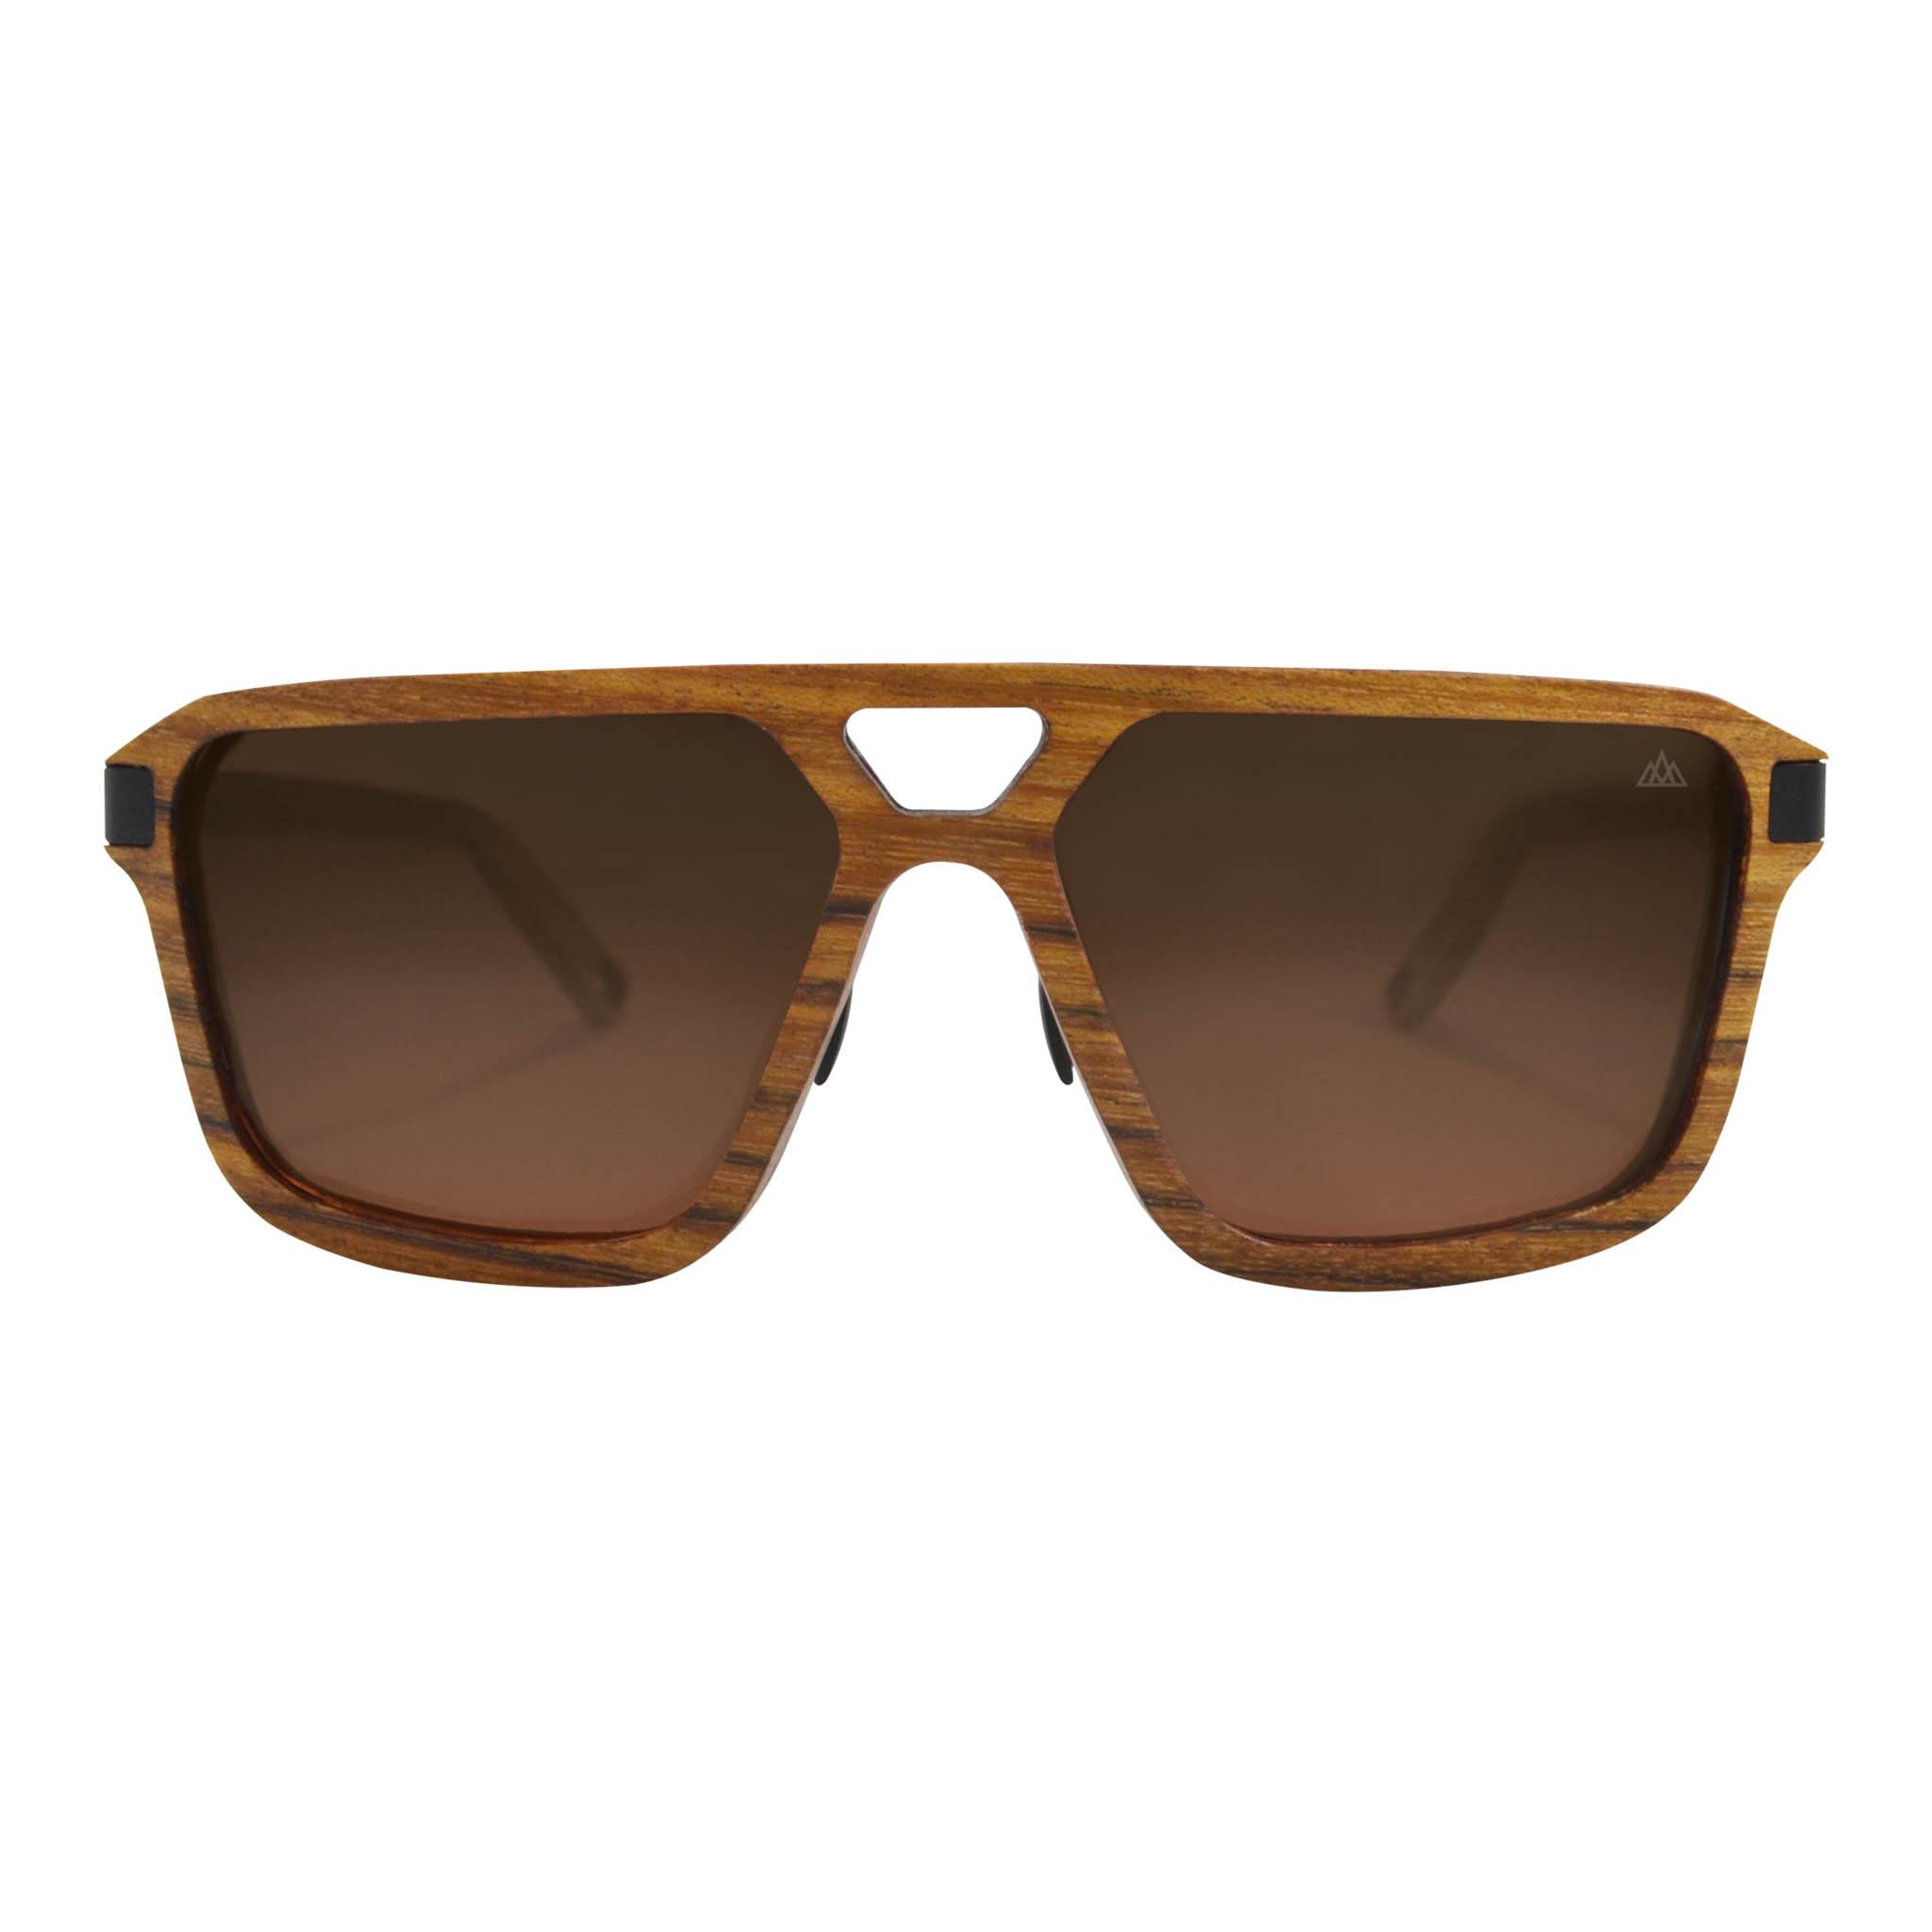 Sonnenbrille in Braun-Schwarz kd0iJTf00s